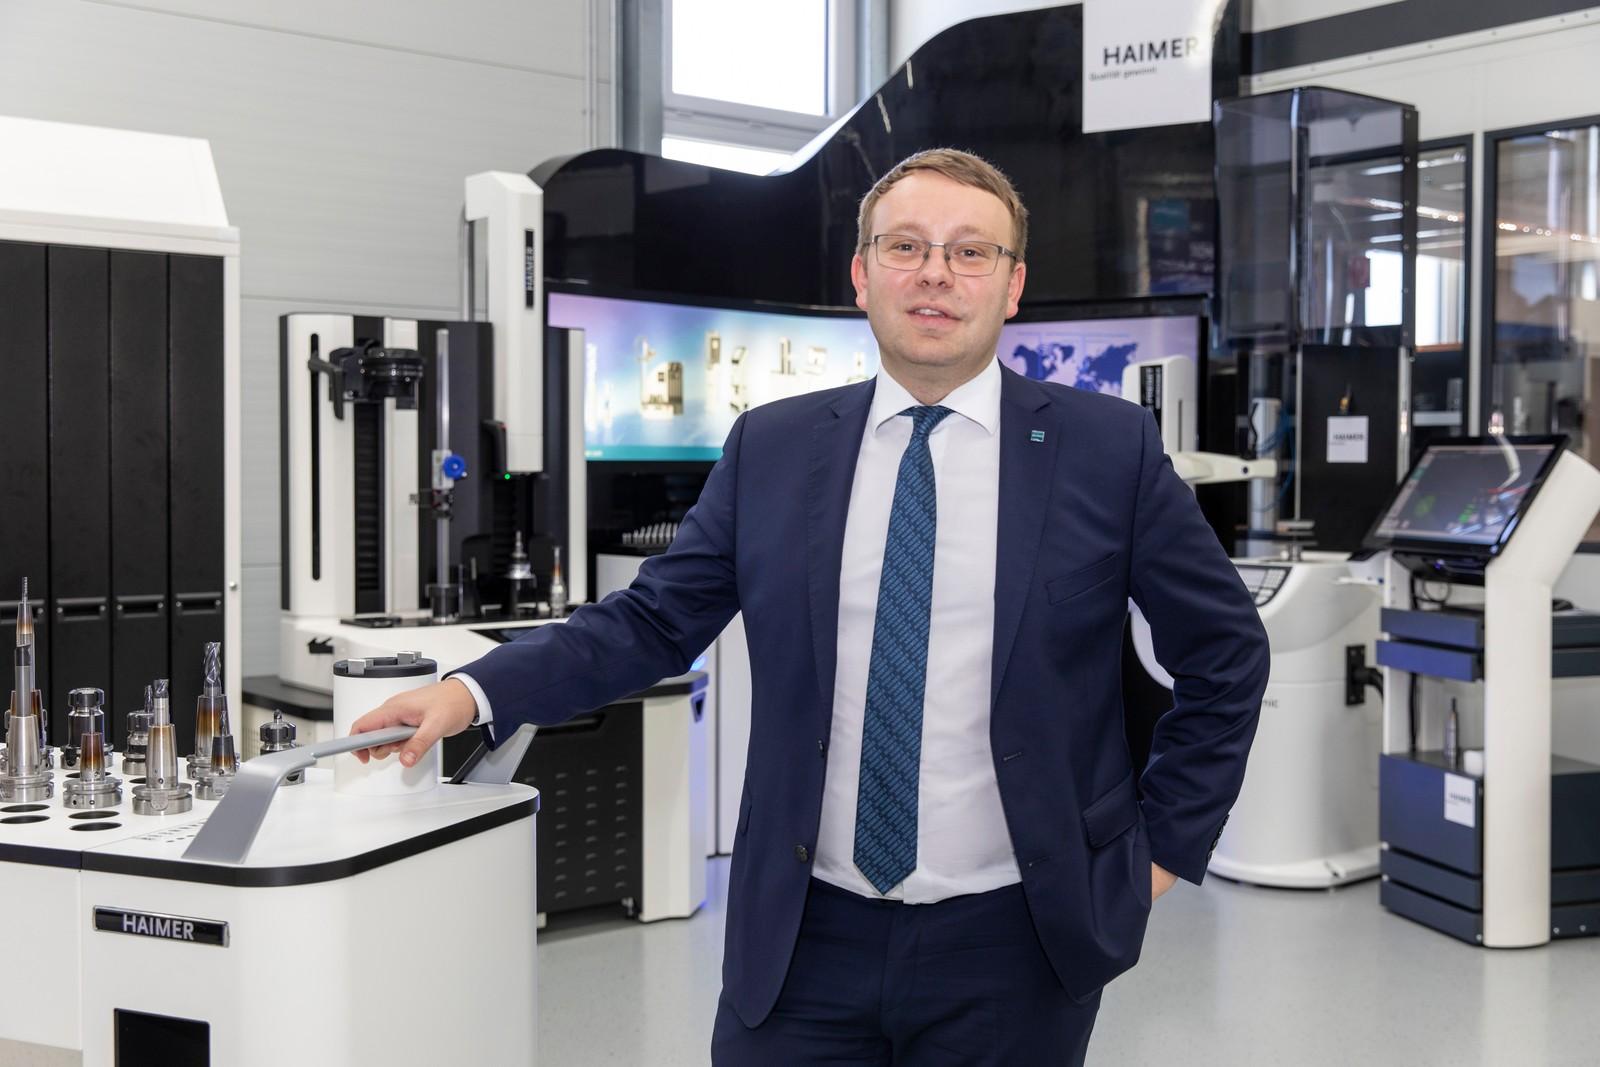 """Haimer-Geschäftsführer Andreas Haimer: """"Mit dem DAC wollen wir die Digitalisierung im Werkzeugmanagement auch für klein- und mittelständische Unternehmen umsetzbar machen."""""""